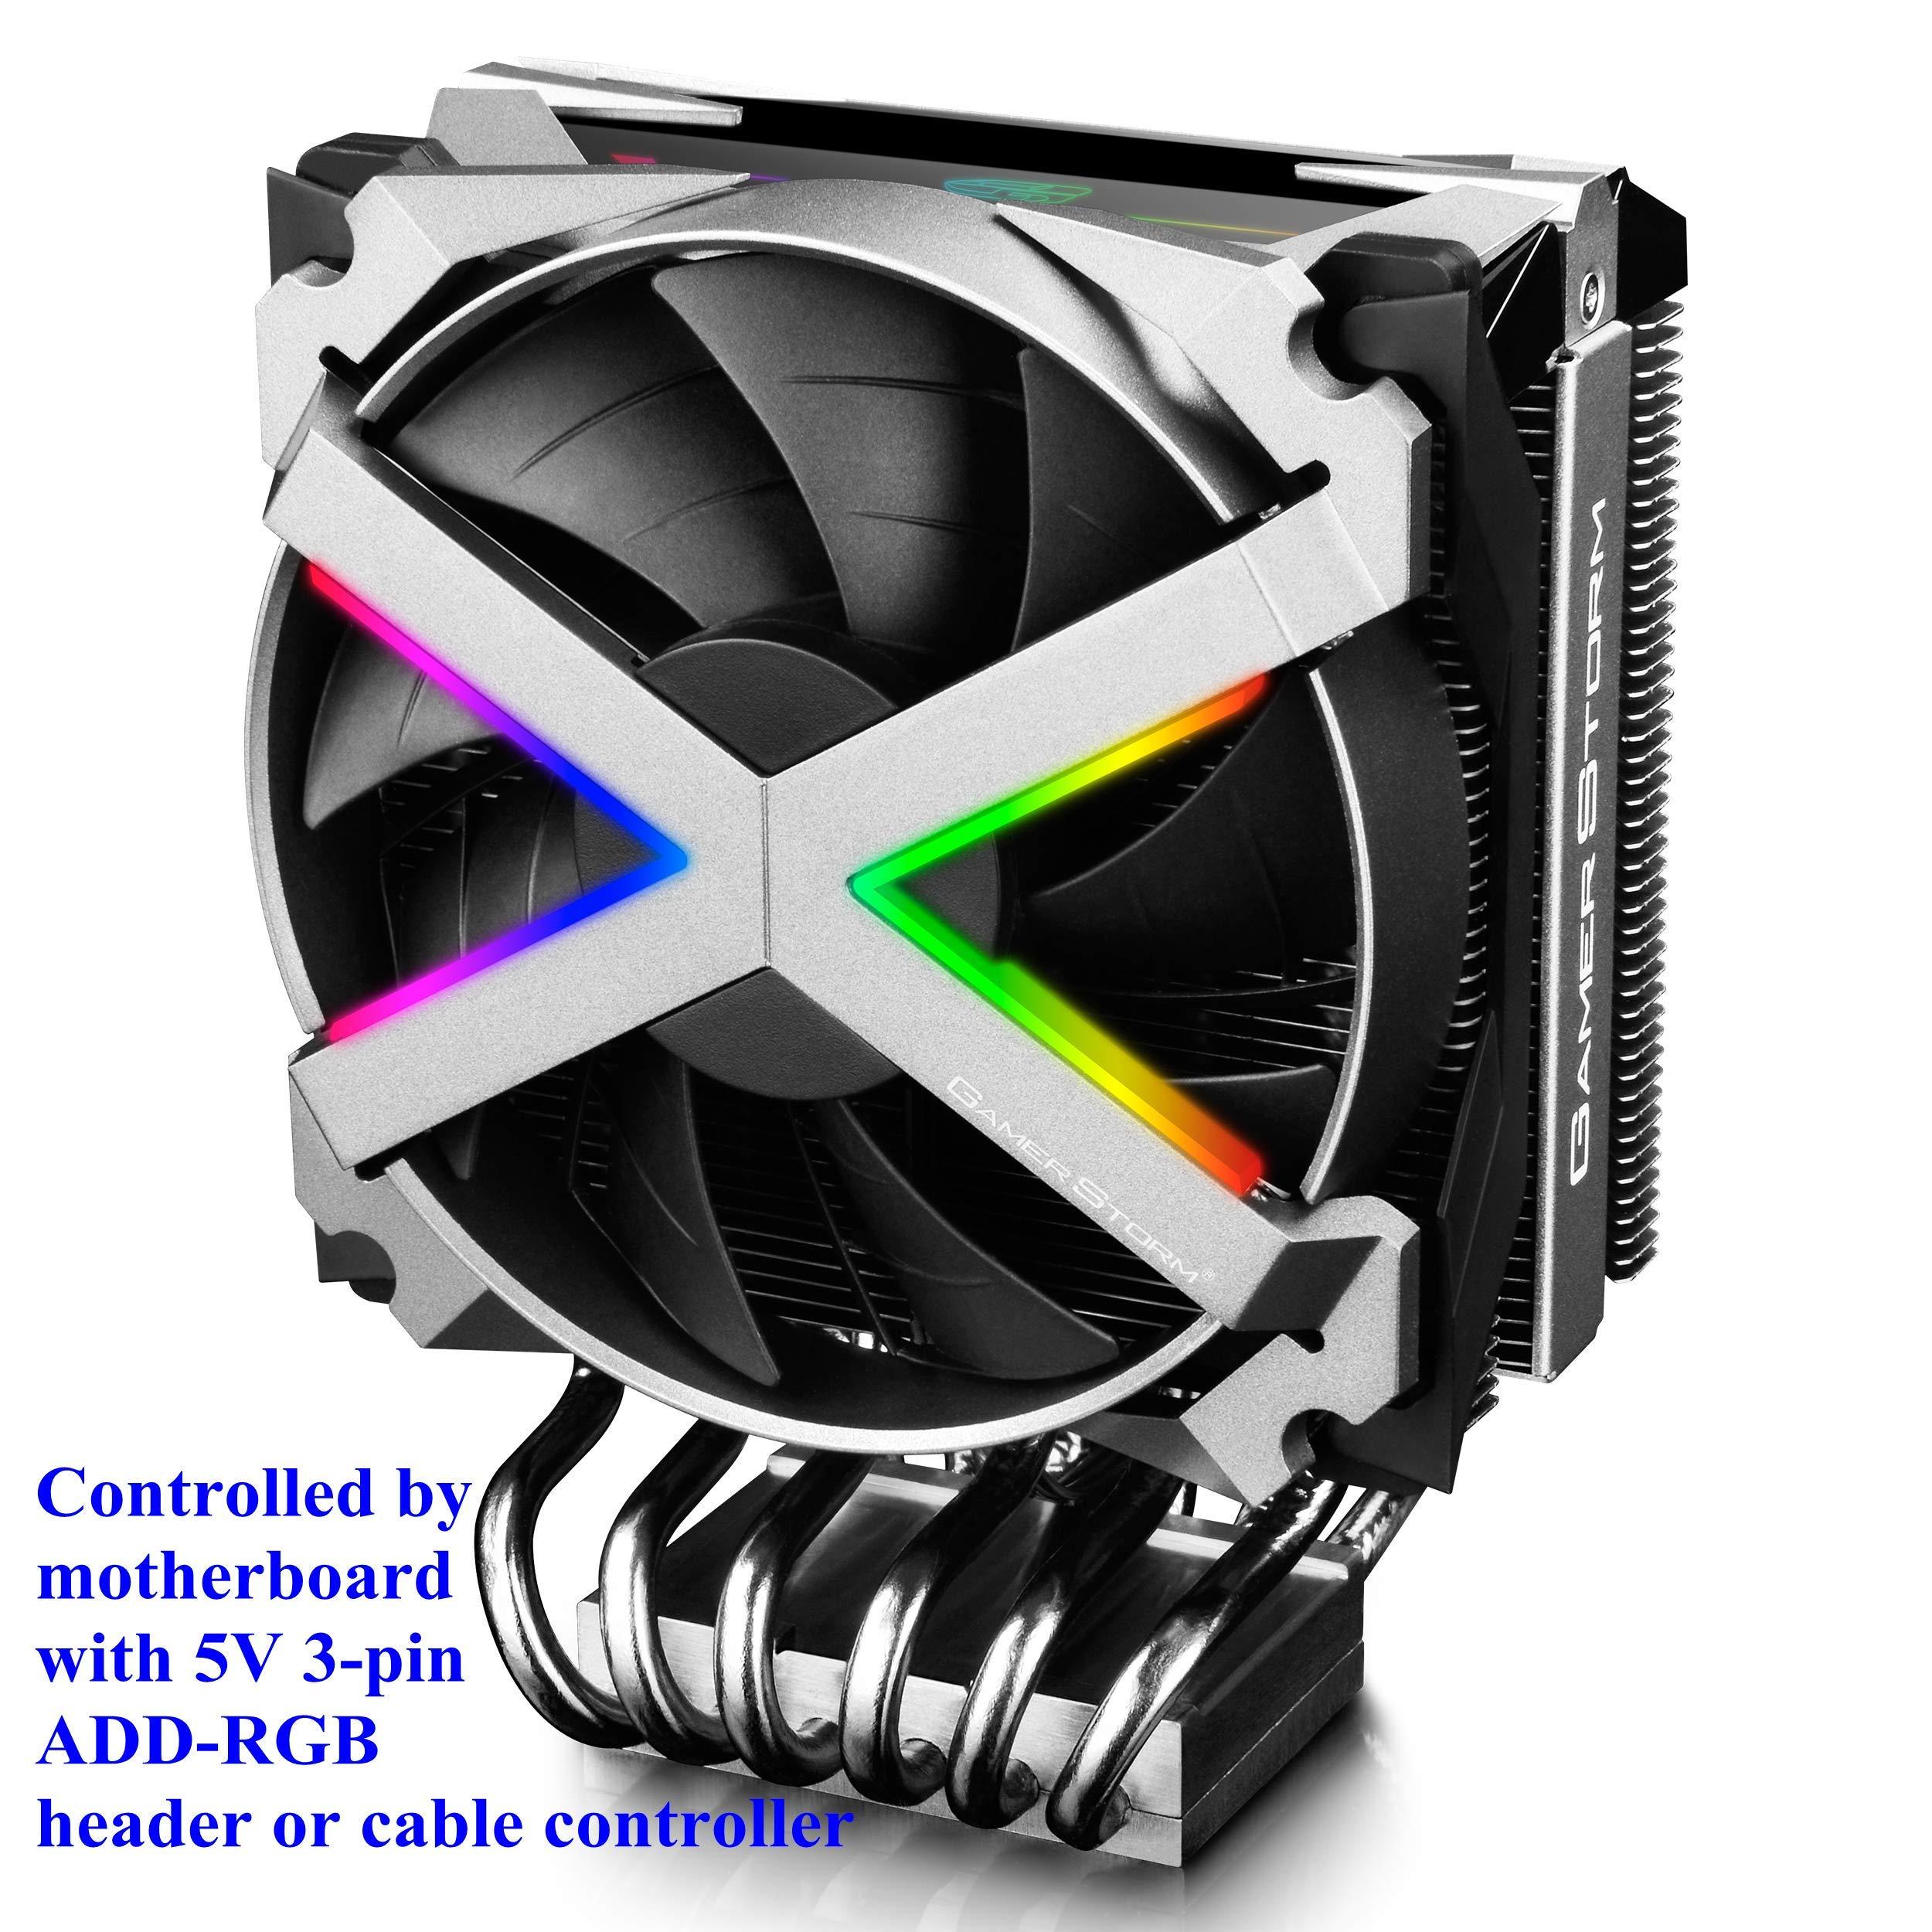 Cpu Cooler Deepcool Fryzen Air Cpu Cooler For Amd Tr4/am4, A